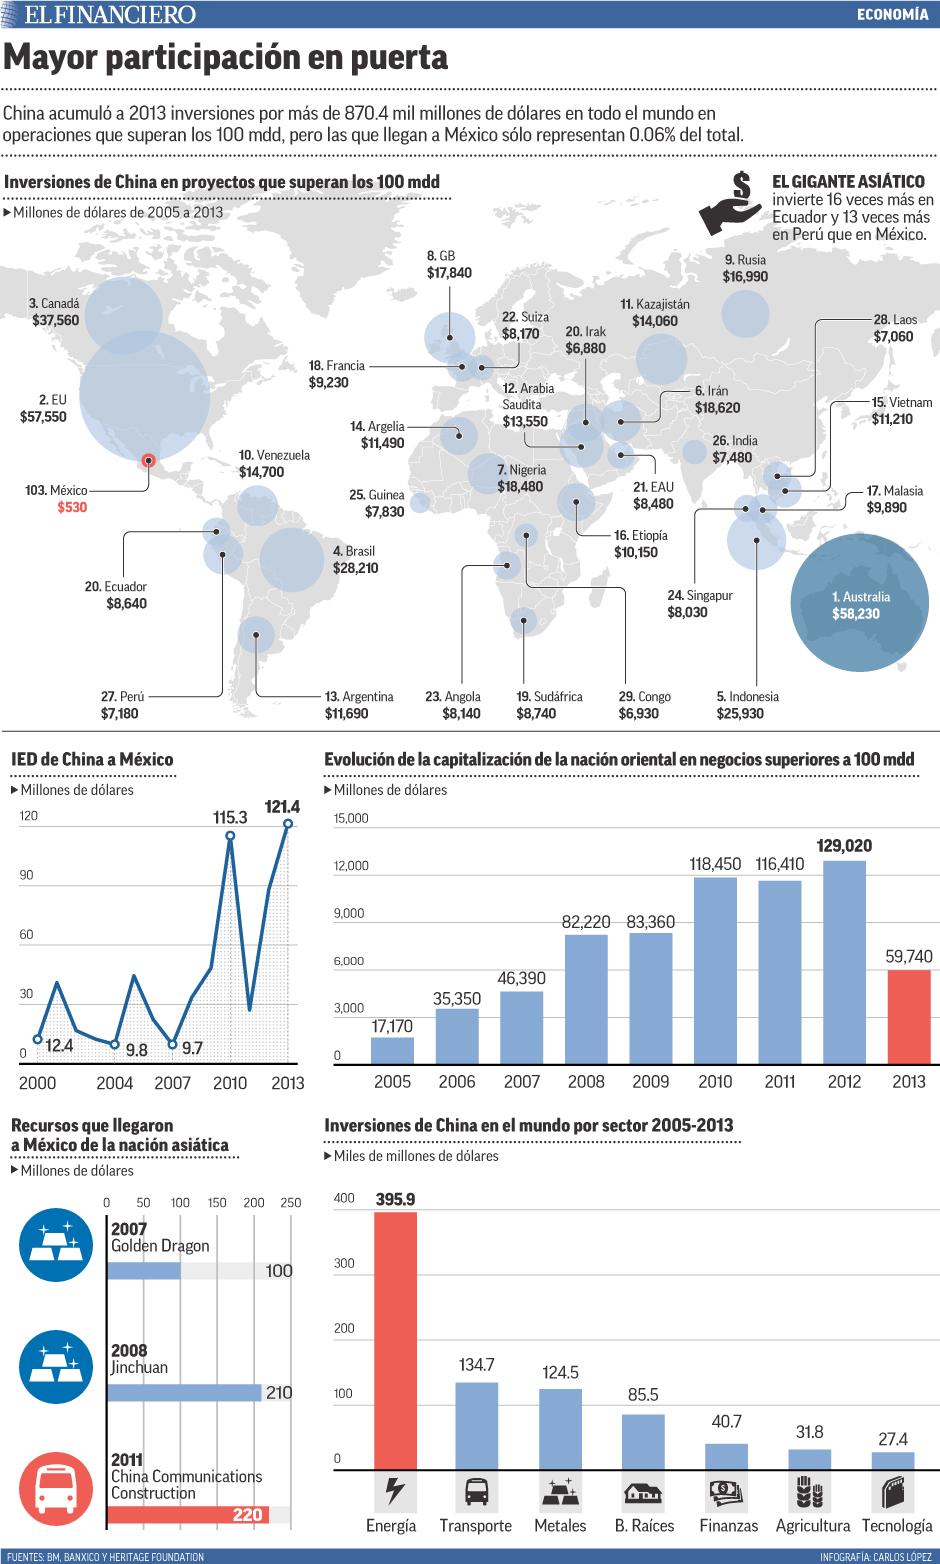 China acumuló a 2013 inversiones por más de 870.4 mil millones de dólares en todo el mundo en operaciones que superan los 100 mdd, pero las que llegan a México sólo representan 0.06% del total.